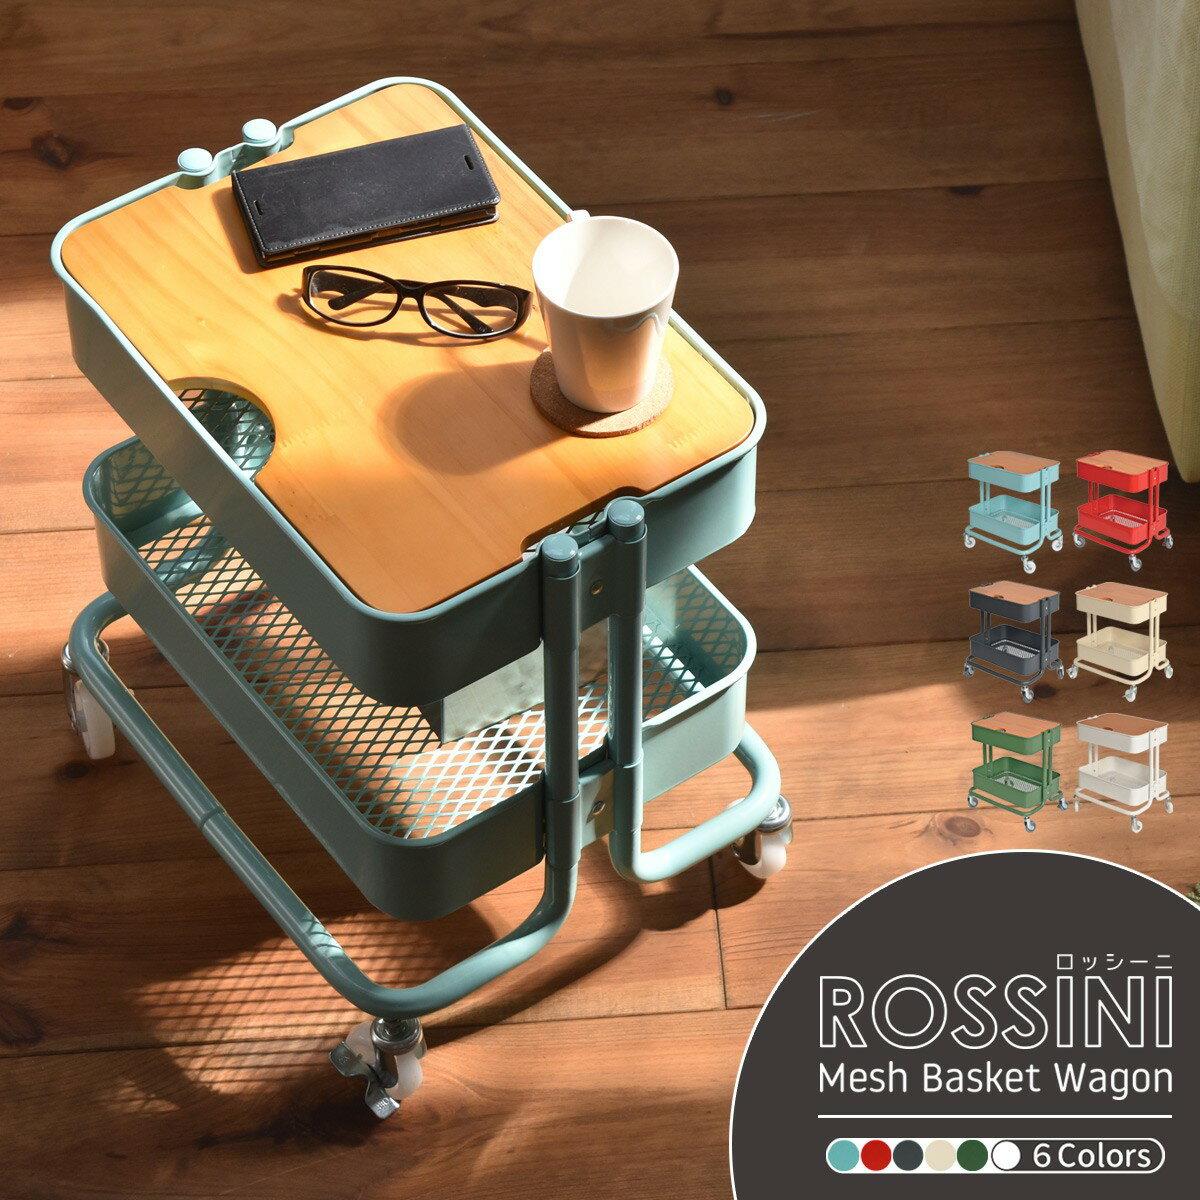 送料無料 ロッシーニ(Rossini) サイドテーブル キッチンワゴン 2段 ROW-F2 キャスター付き バスケット ワゴン スチールラック おもちゃ箱 メッシュ 北欧 ウッド アイアン 天板 天然木 シンプル おしゃれ